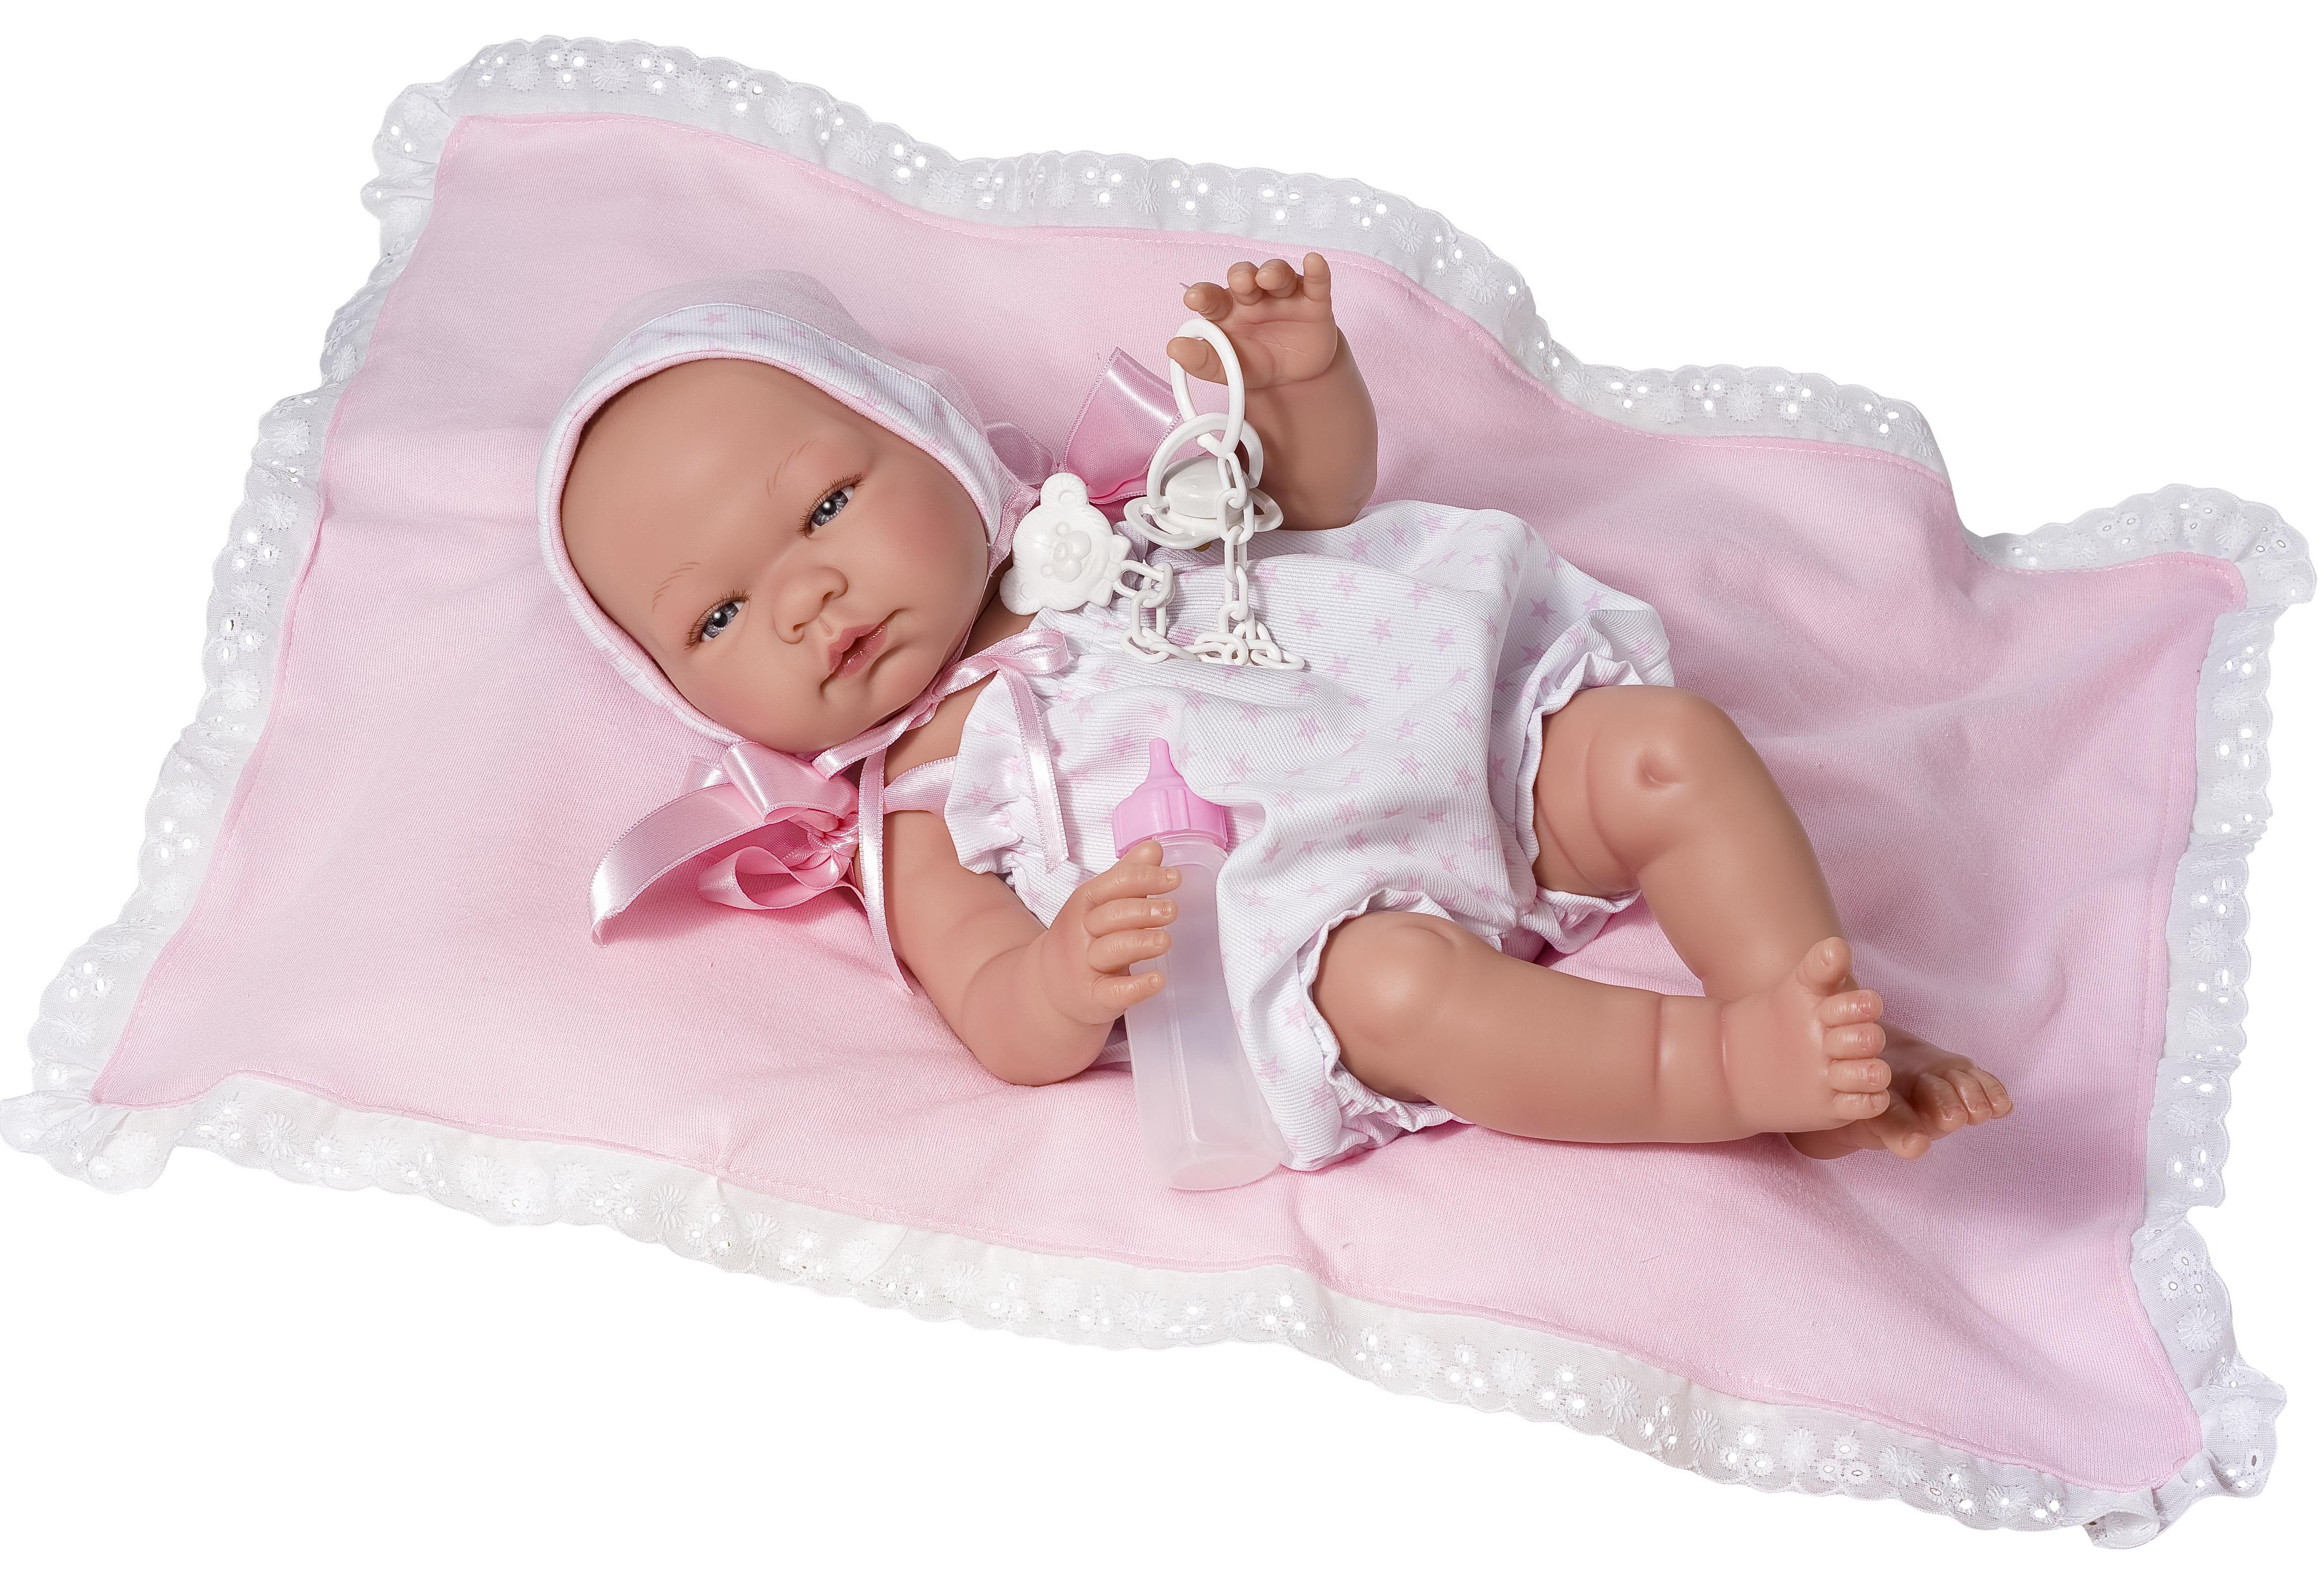 Кукла Мария в розовом костюмчике, 45 см.Куклы ASI (Испания)<br>Кукла Мария в розовом костюмчике, 45 см.<br>